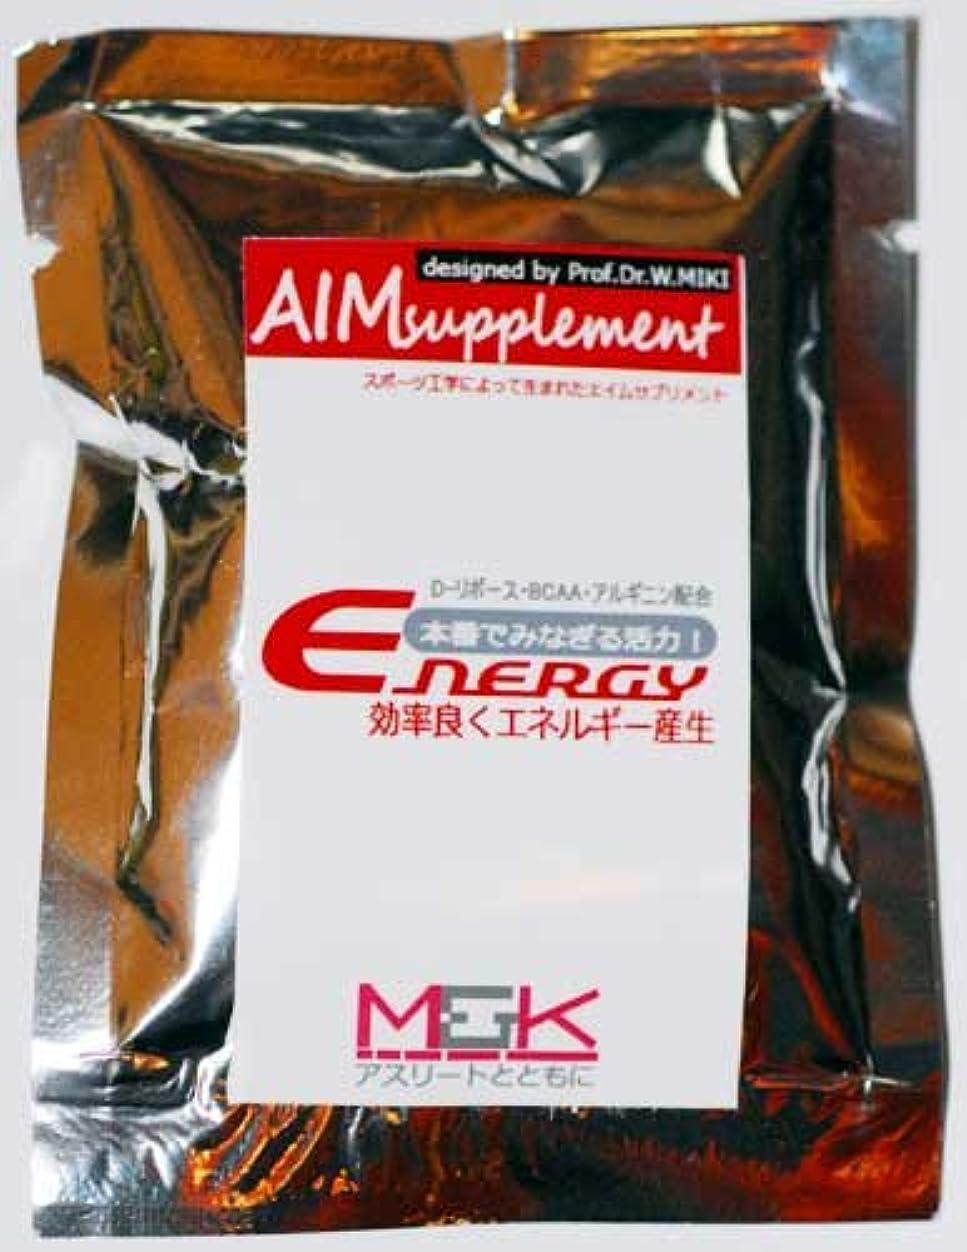 未来筋肉のピークM&K エイムサプリメント エナジー(D-リボース?BCAA?アルギニン配合)